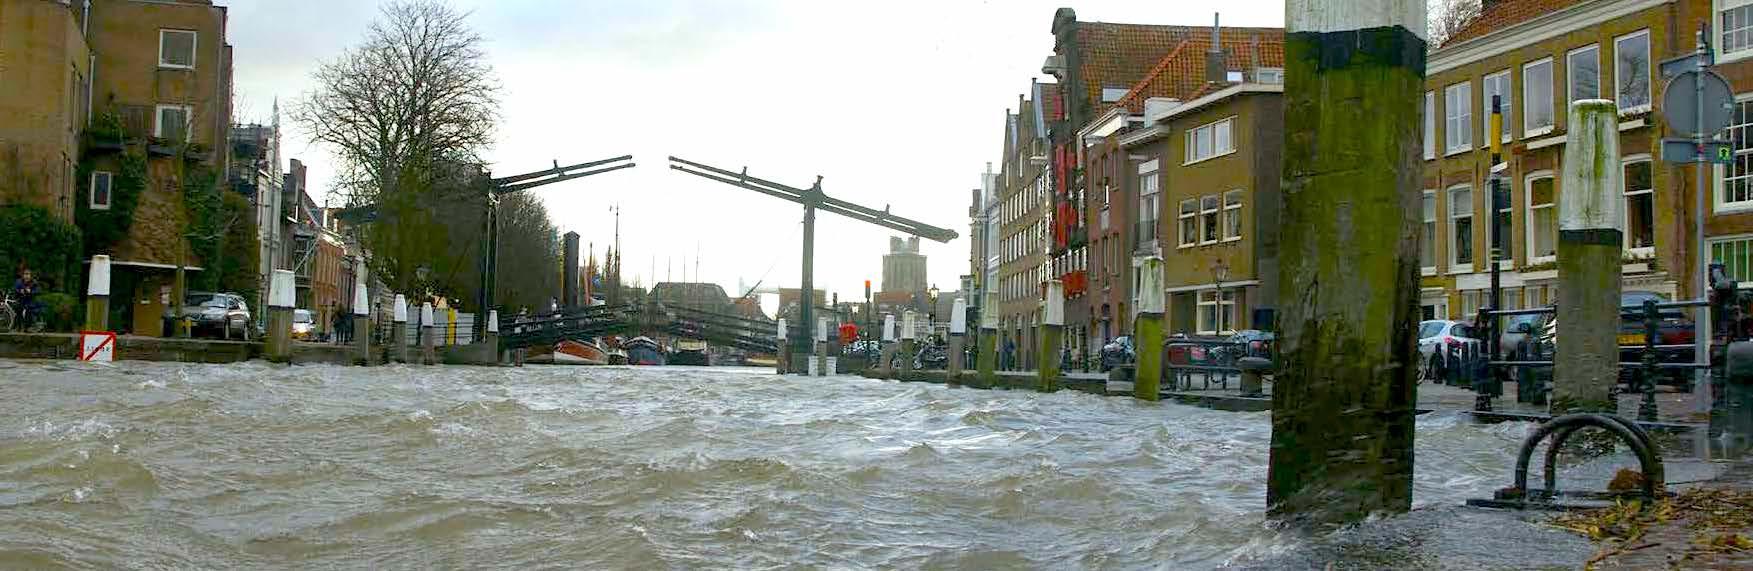 CoP KAfé Buitendijks gebied 9-februari-2021